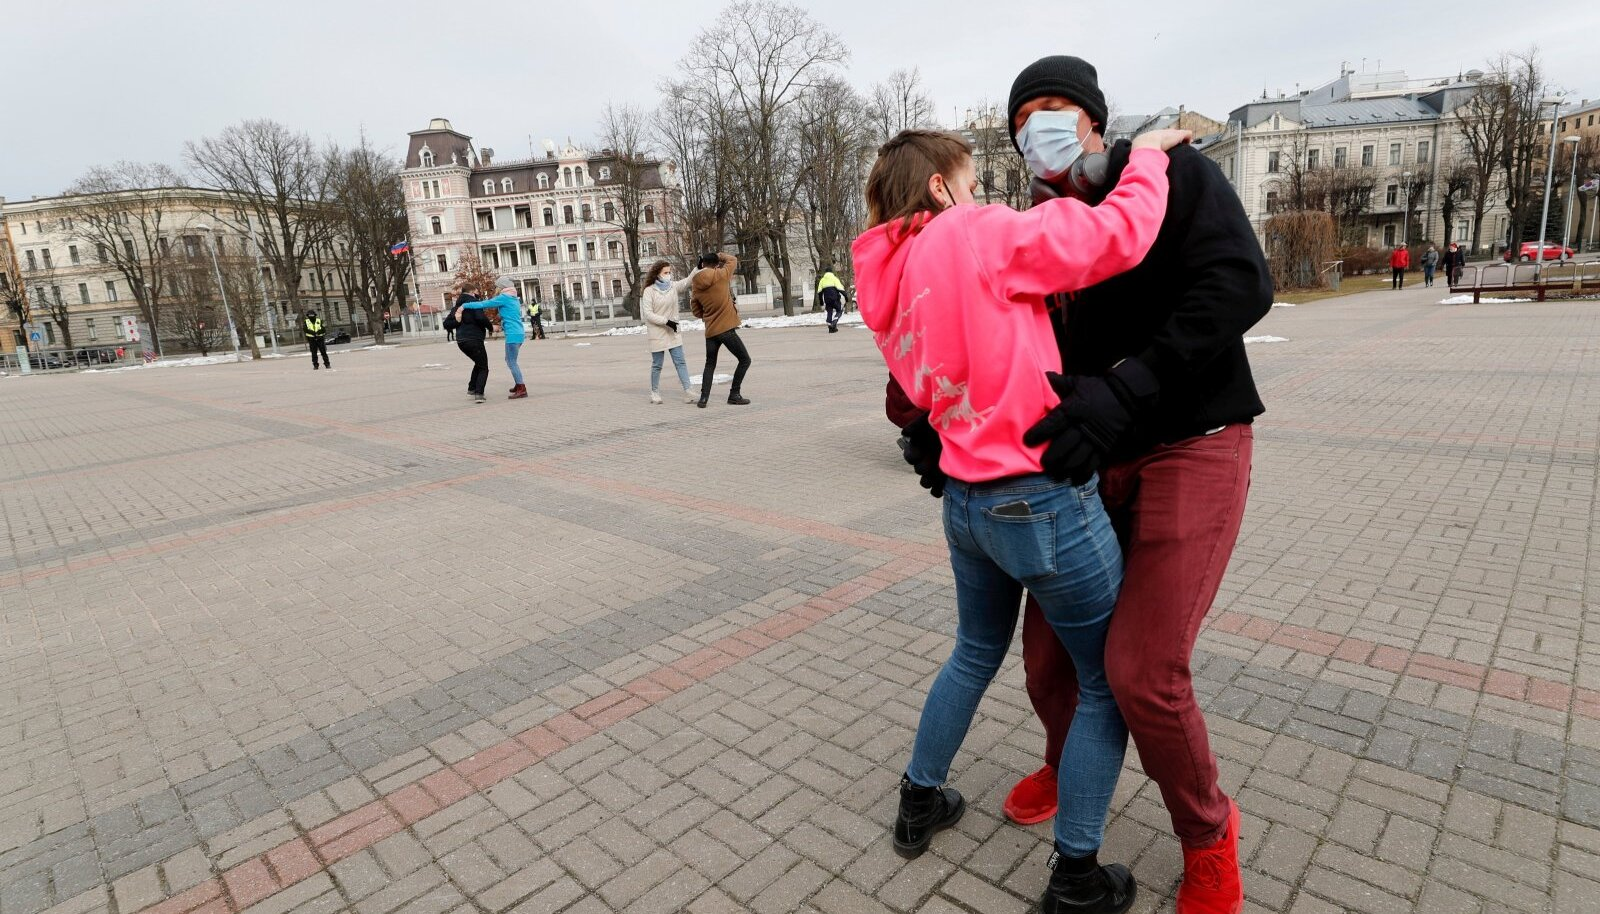 Pühapäevane protestiaktsioon Riias Kronvaldsi pargis, kus piirangute lõppu nõuti tantsu keerutades ja vabas õhus trenni tehes, seejuures reegleid rikkumata.